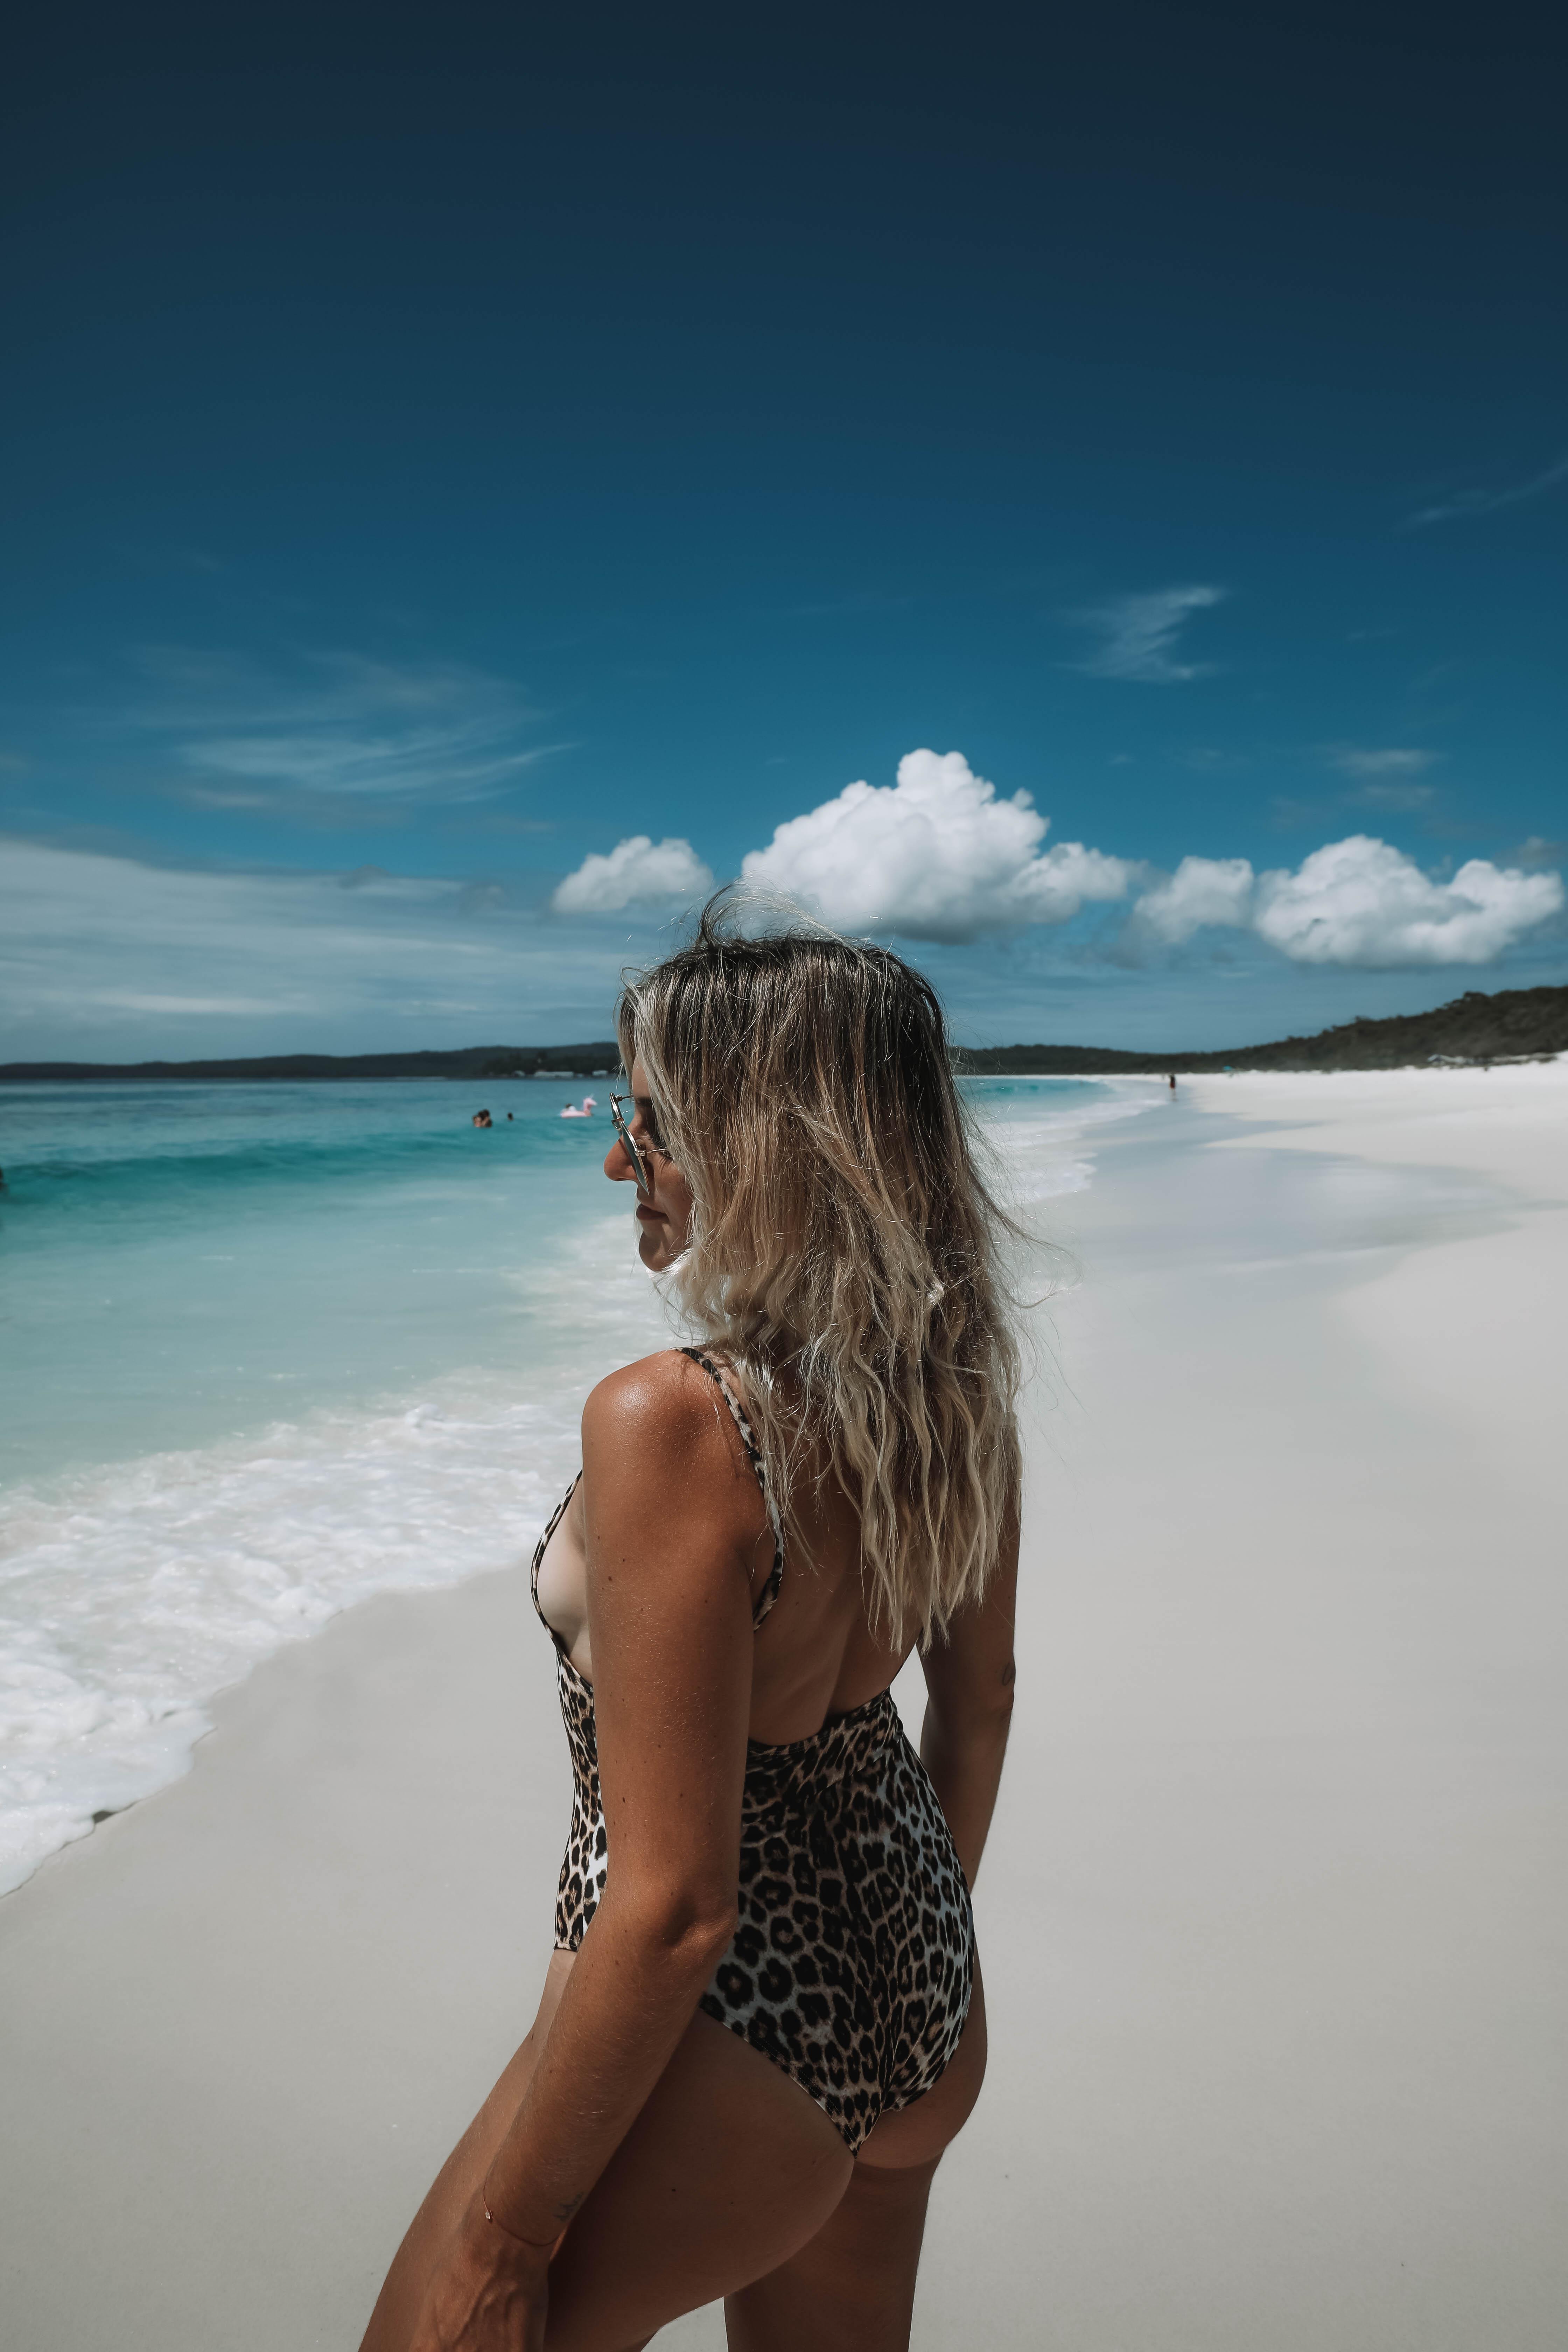 Plage Australie - Blondie Baby blog mode et voyages